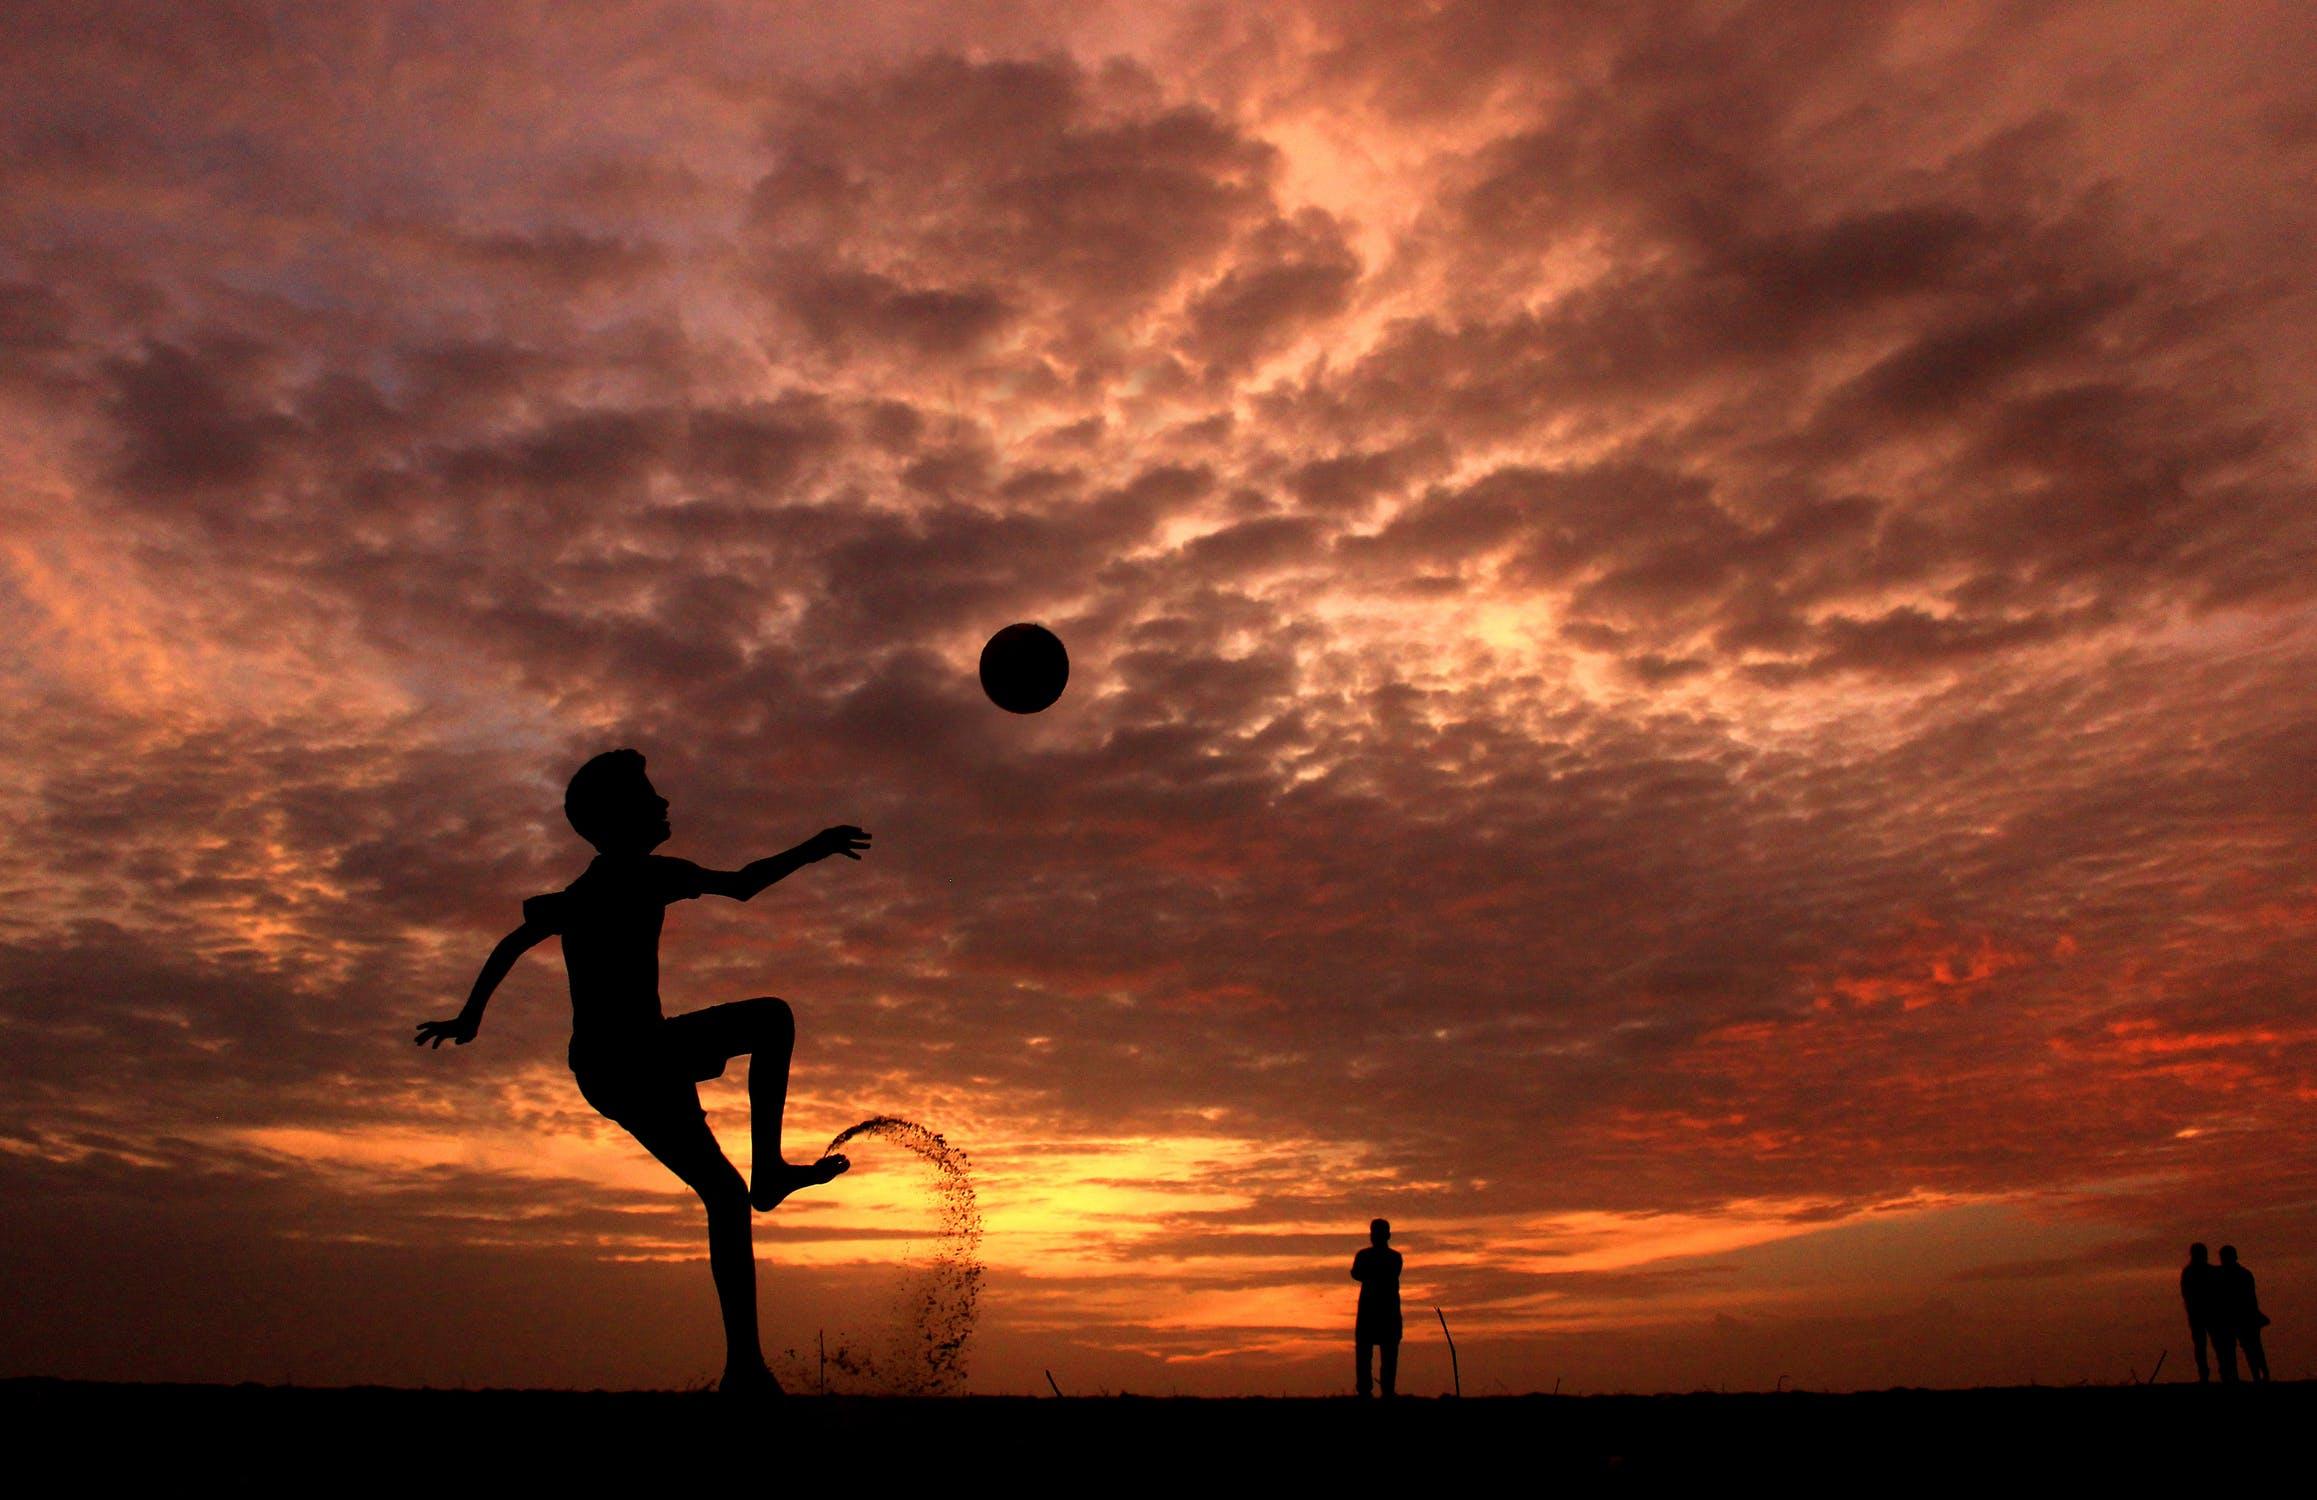 축구는 그저, 즐기는 것이다. - 세상을 다 가진 듯...